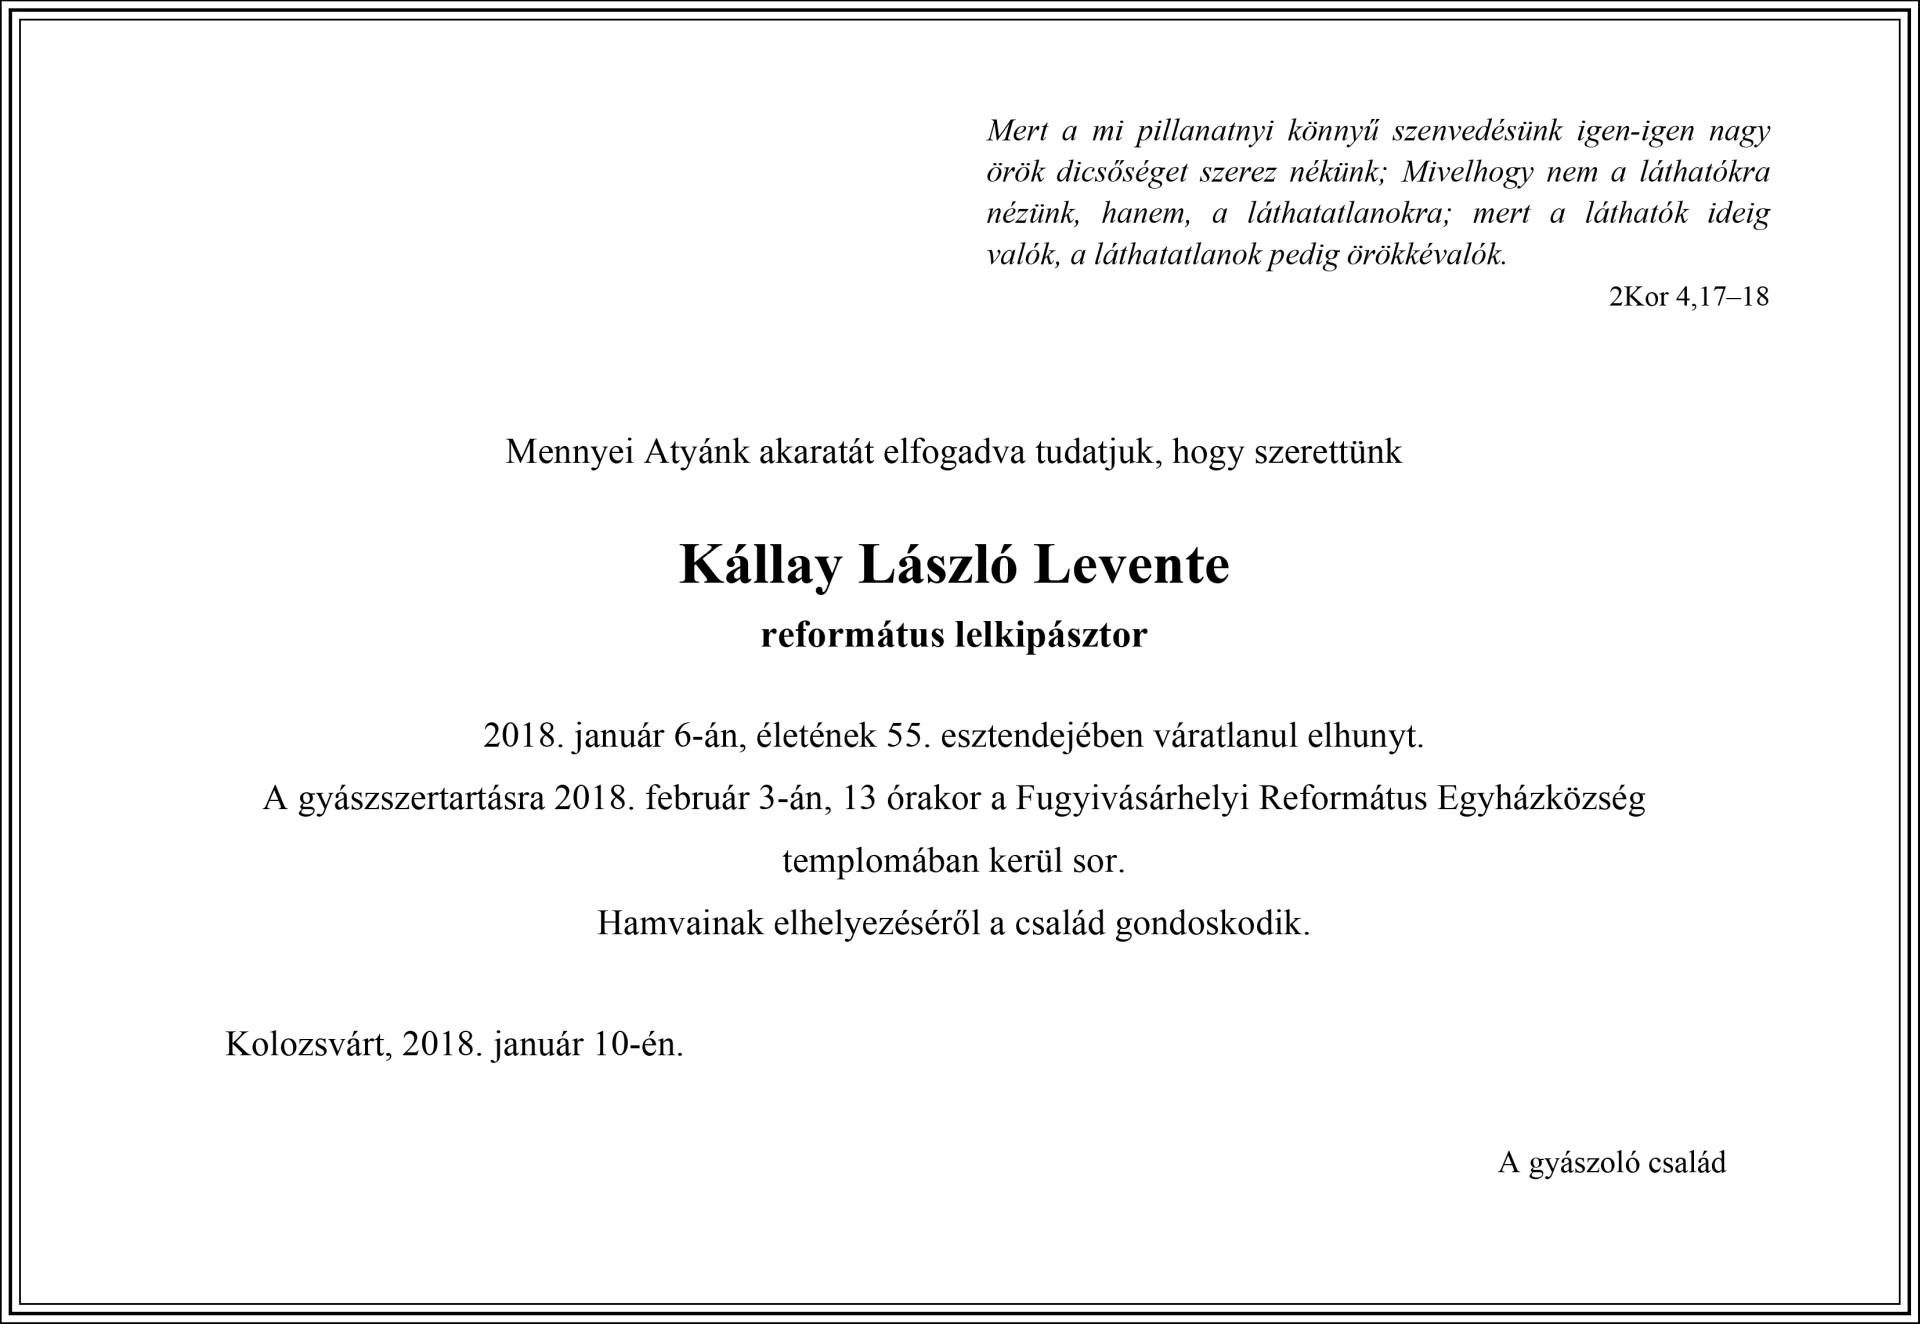 Gyászjelentés - Kállay László Levente